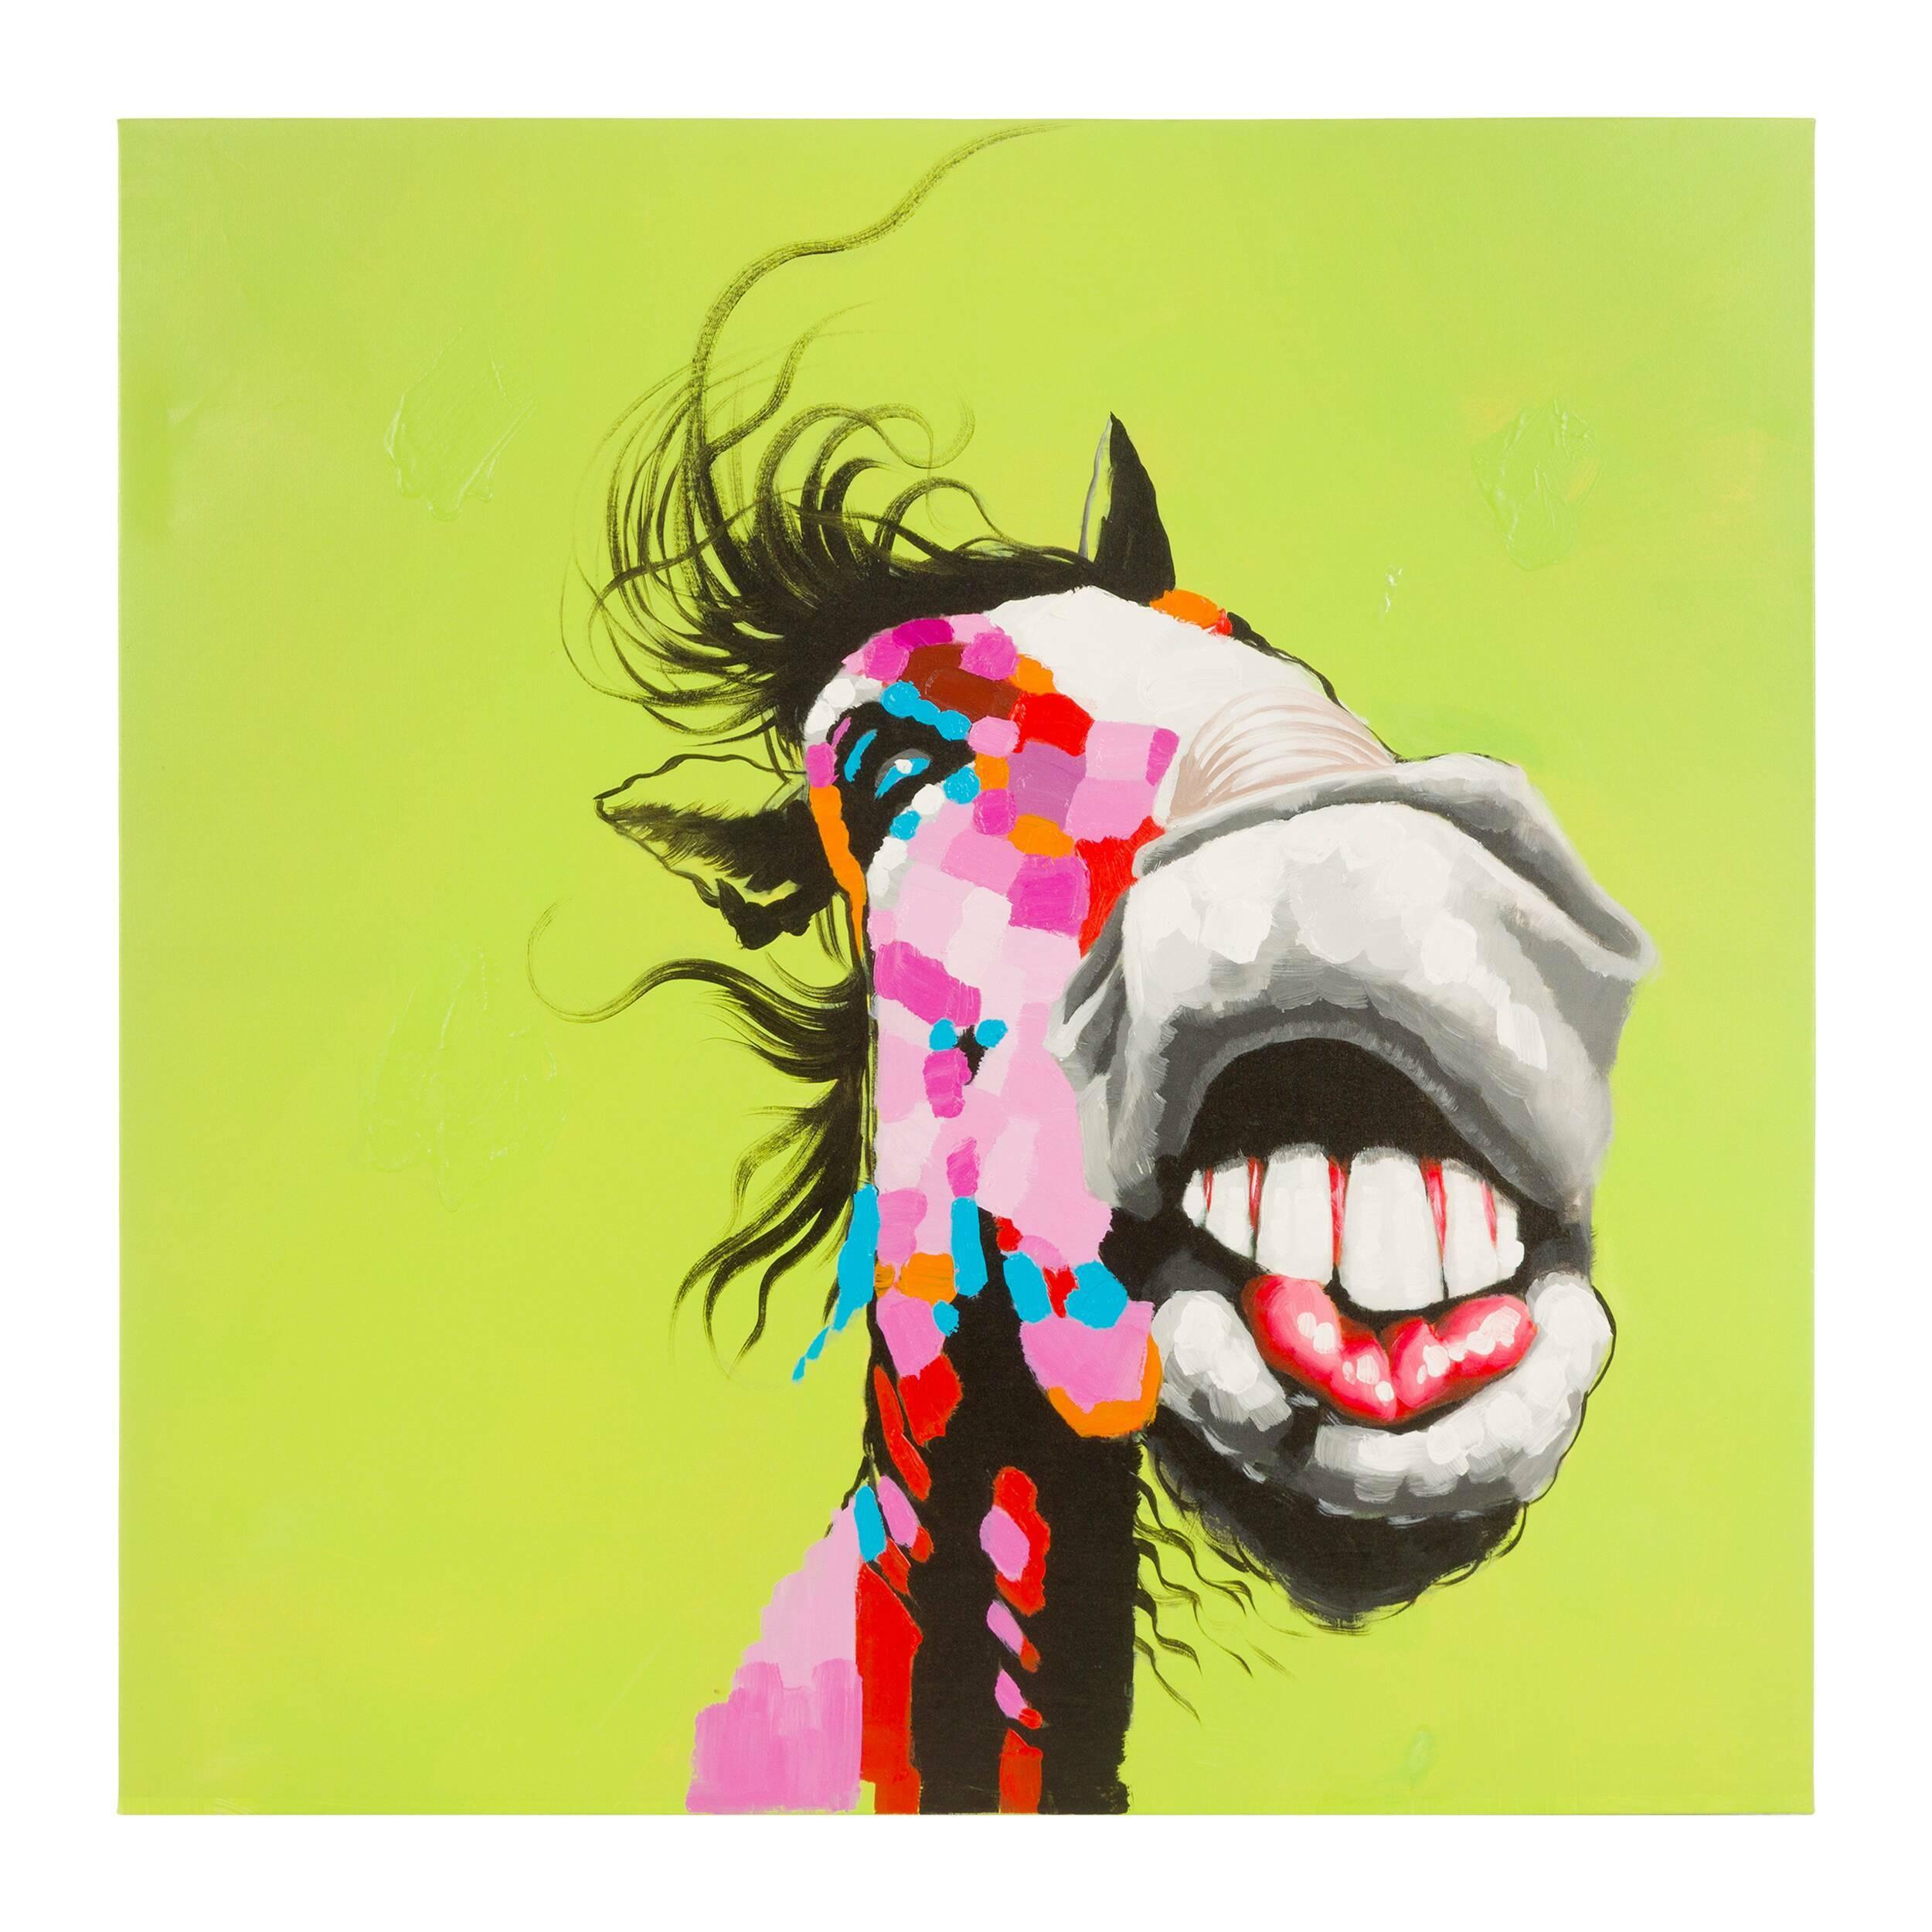 Картина HorseКартины<br>Одна из последних мировых тенденций в выборе картин для жилых и нежилых помещений — руководствоваться только собственными эмоциями. Картина, висящая на стене, перестает быть элитарным предметом искусства, передающимся из поколения в поколение.<br><br><br> Сегодня это предмет, глядя на который вы испытываете особенные чувства: грусть или радость, прилив энергии, восторг, всплеск воспоминаний или ассоциаций с любимым местом, фильмом, песней, человеком. Таким образом на окончательный выбор никак ...<br><br>stock: 0<br>Высота: 120<br>Ширина: 120<br>Цвет: Разноцветный/Colorful